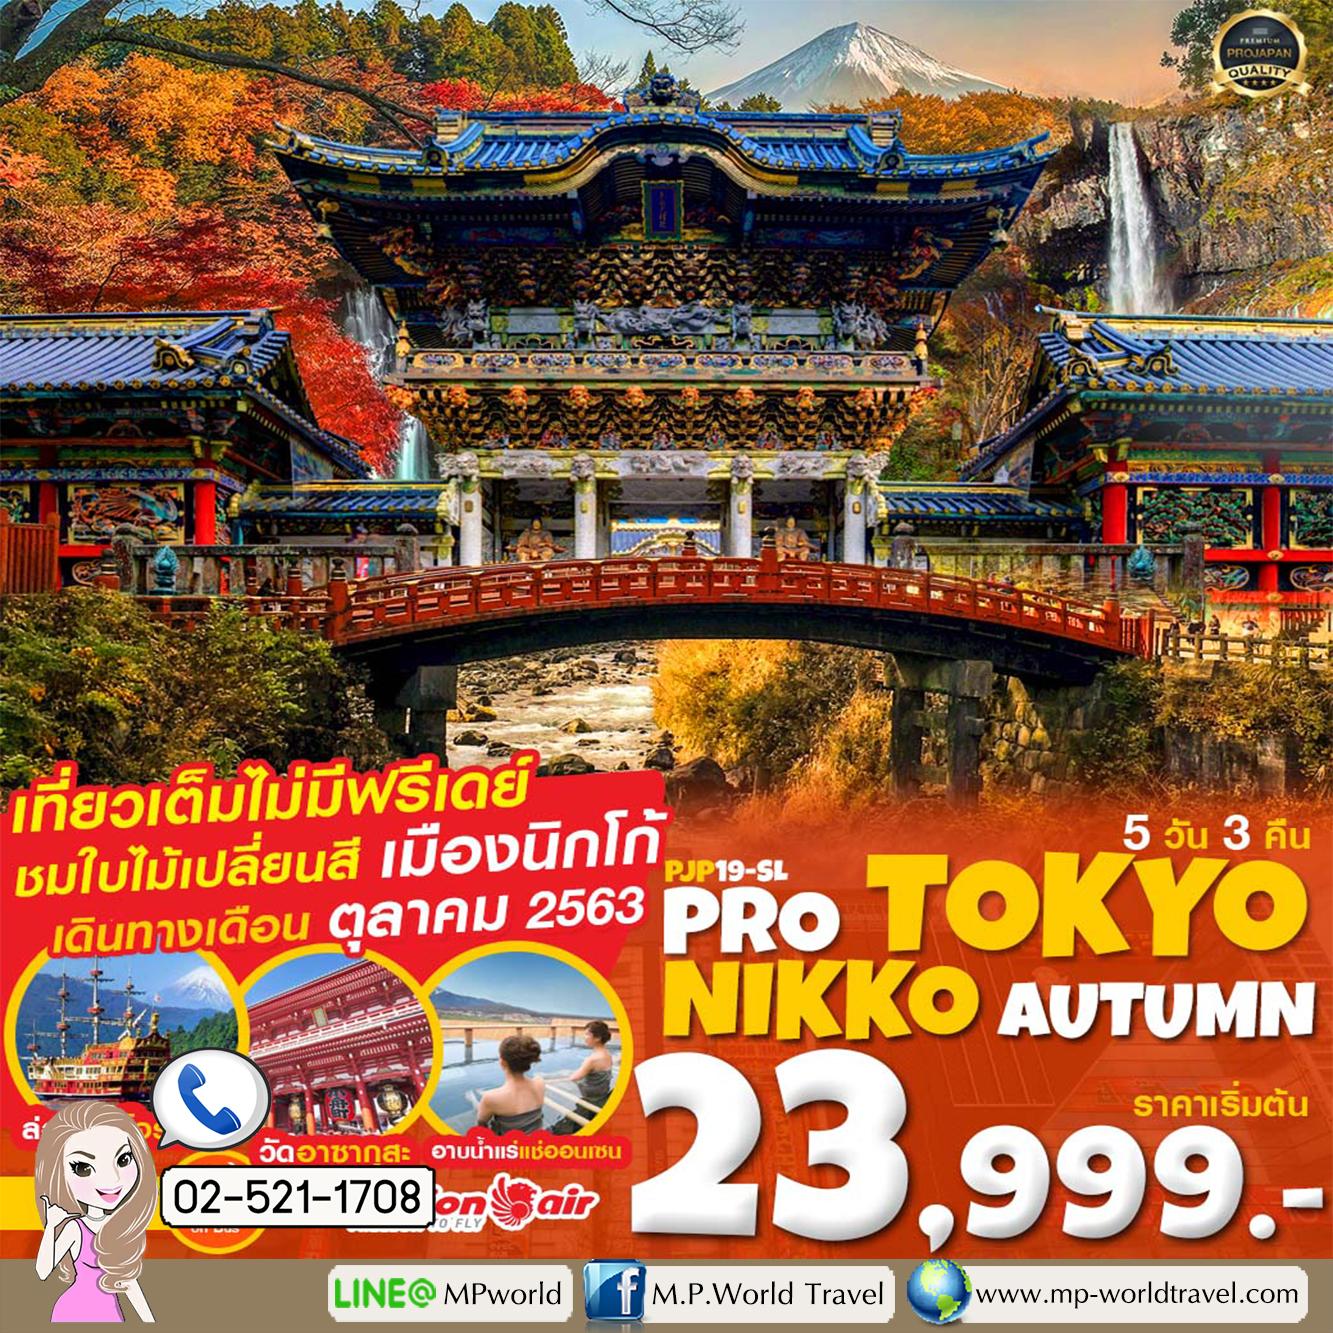 ทัวร์ญี่ปุ่น PJP19-SL PRO TOKYO NIKKO AUTUMN 5D 3N SL